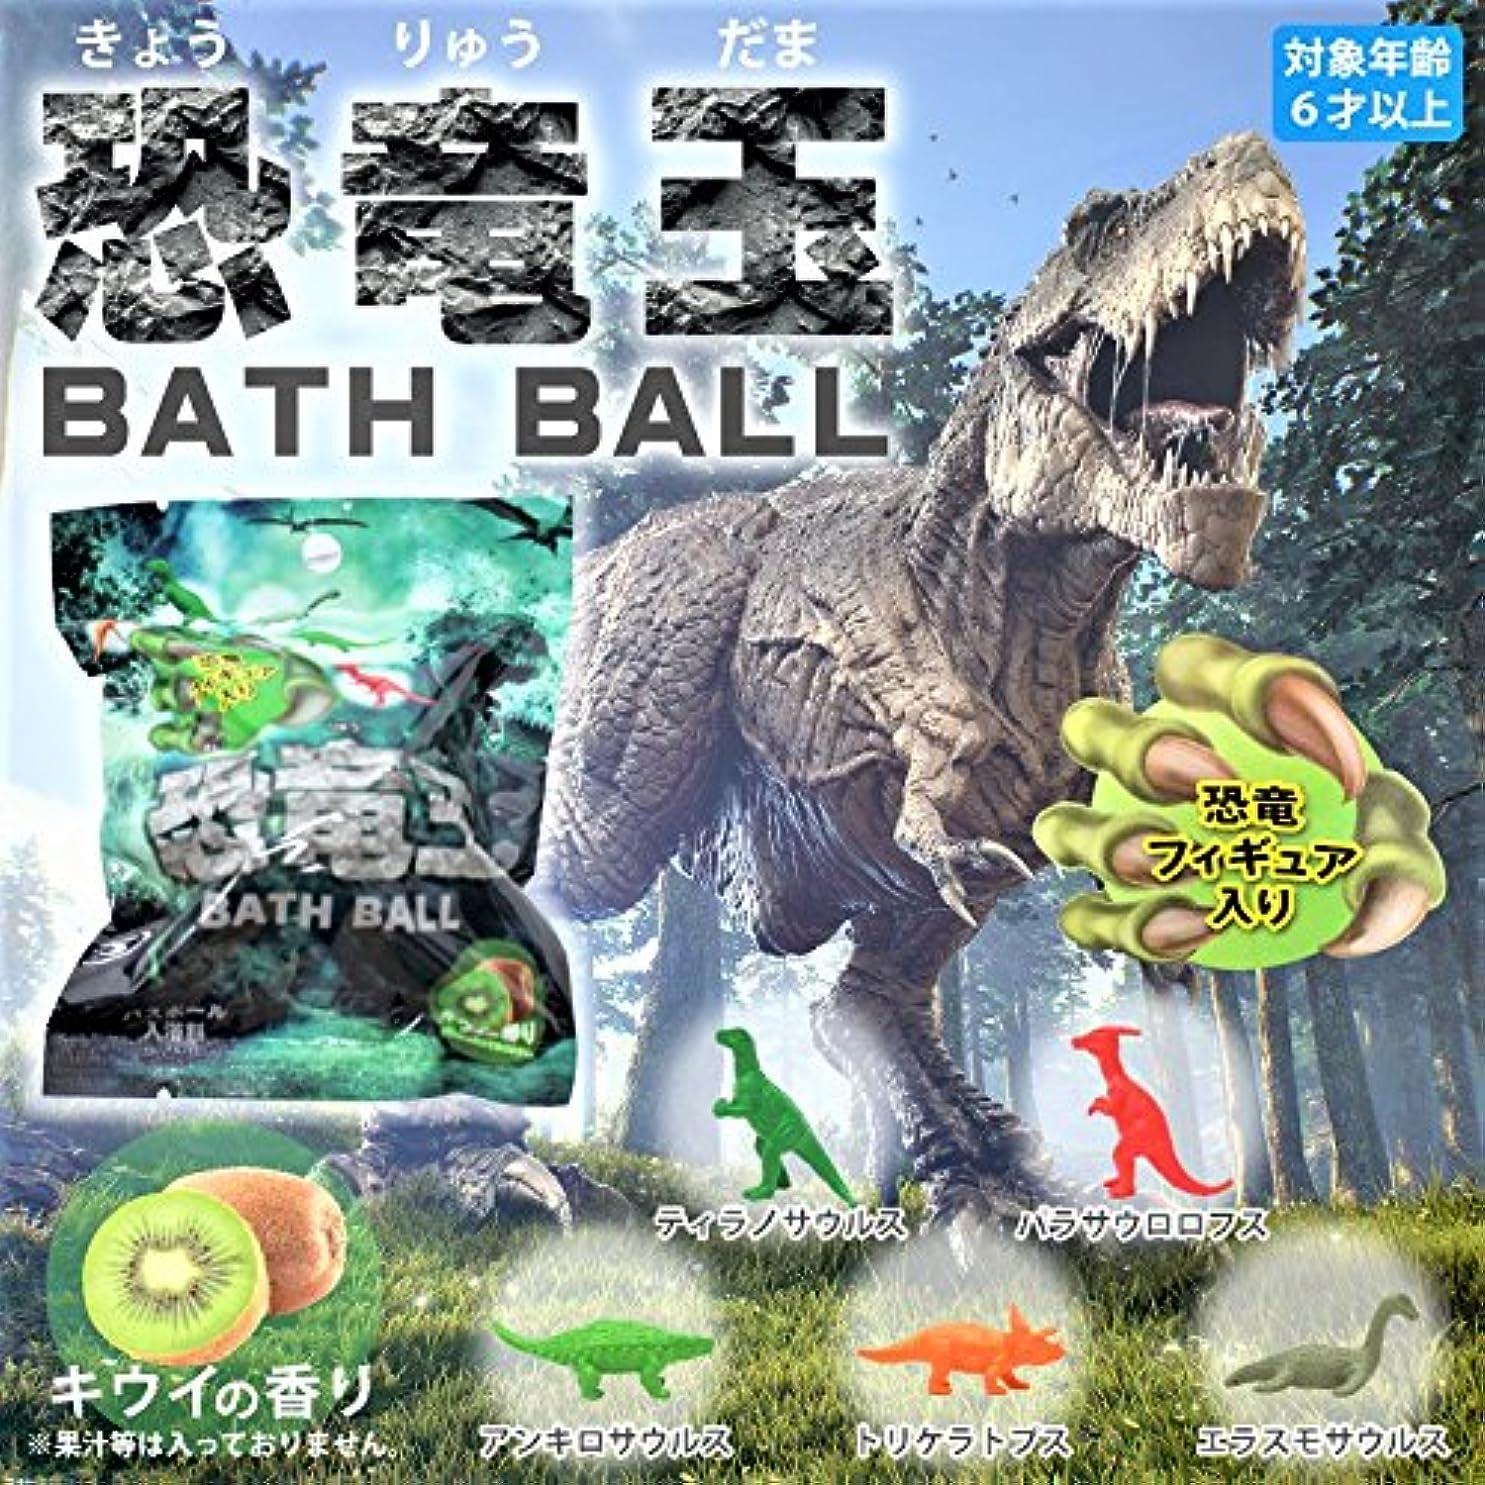 適合する硬さ病恐竜玉バスボール 6個1セット キウイの香り 恐竜フィギュア入りバスボール 入浴剤